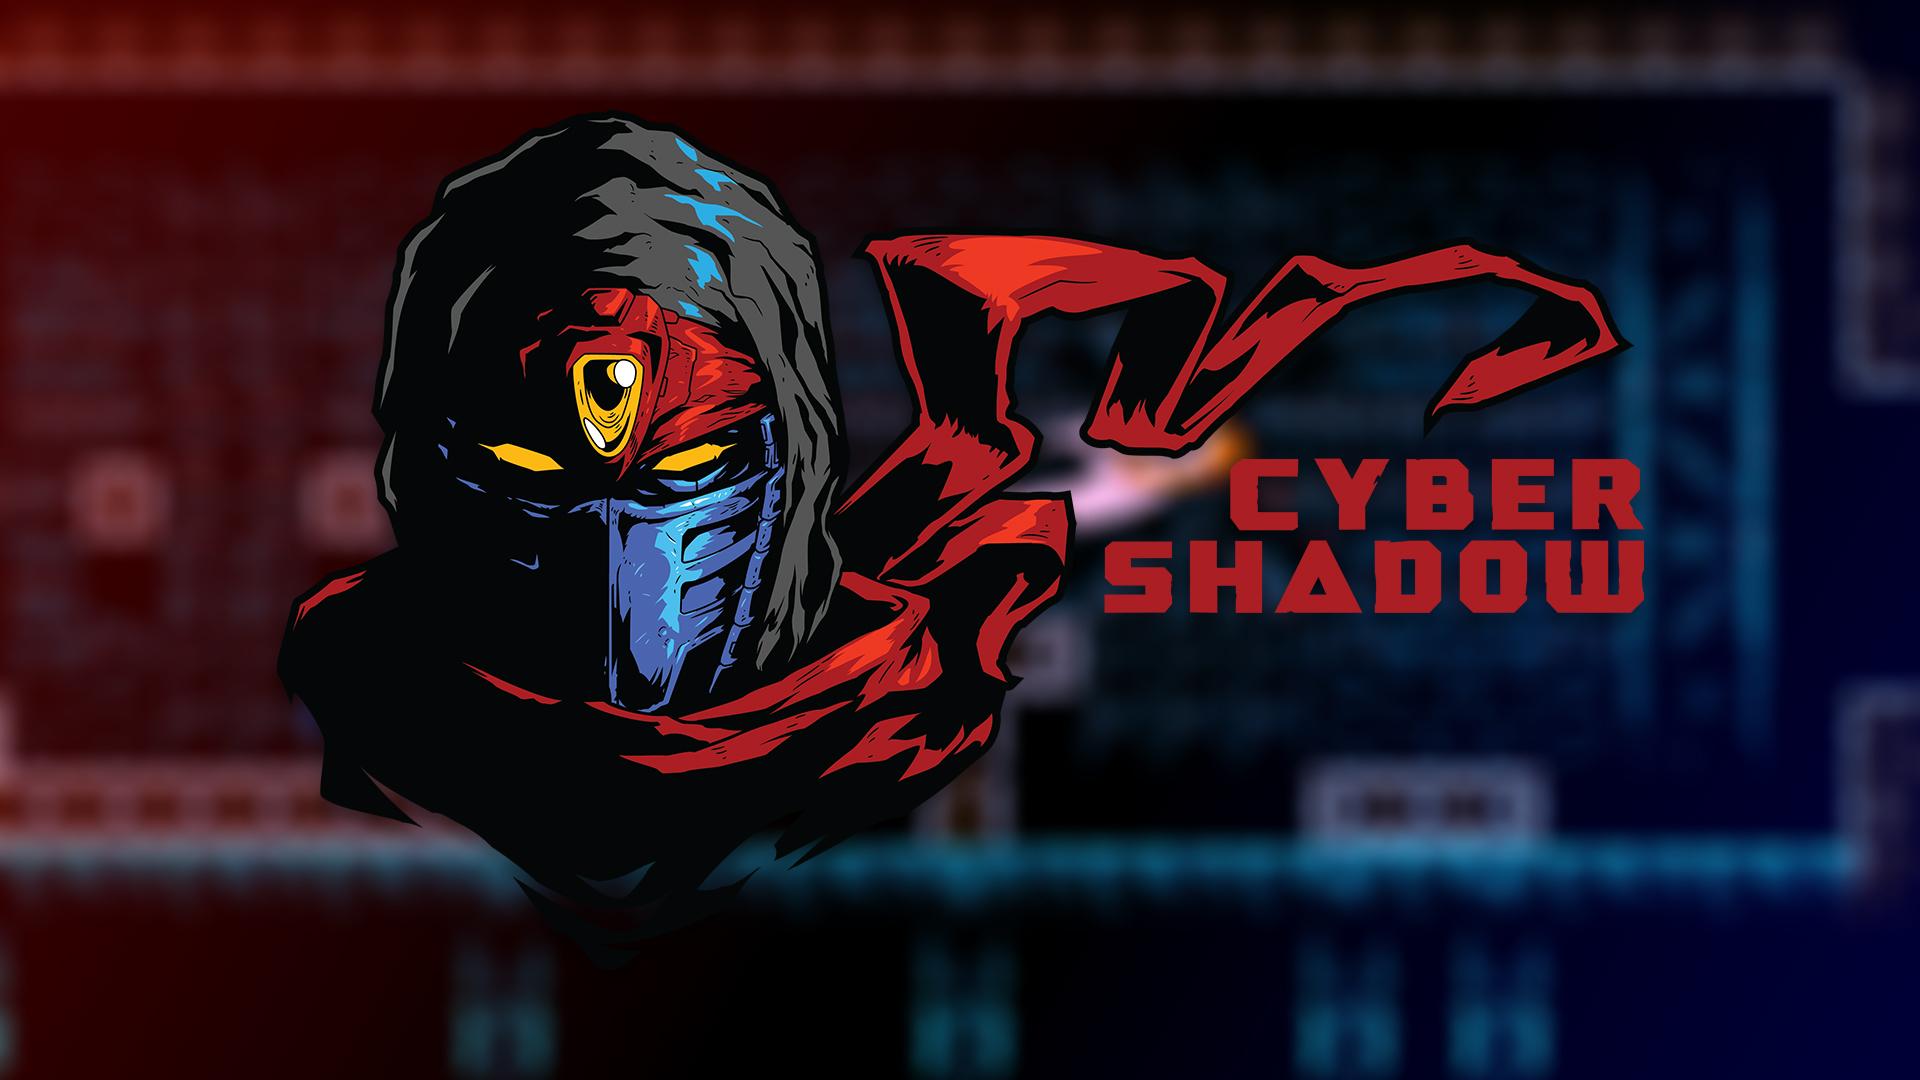 cyber shadow logo wallpaper 73045